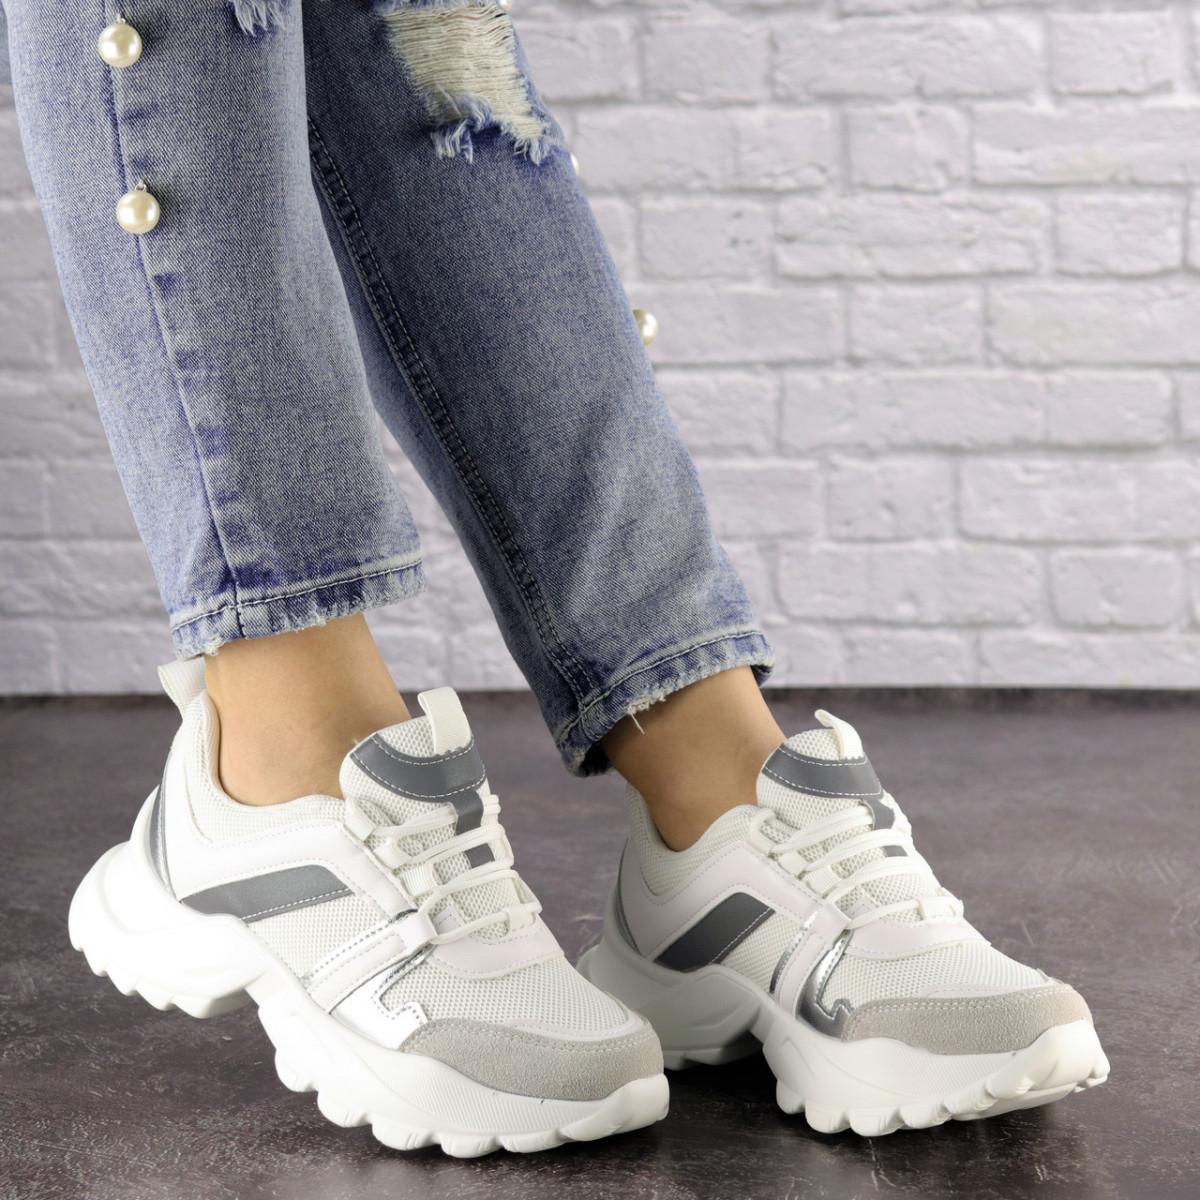 Женские белые кроссовки Dexter 1546 (36 размер)